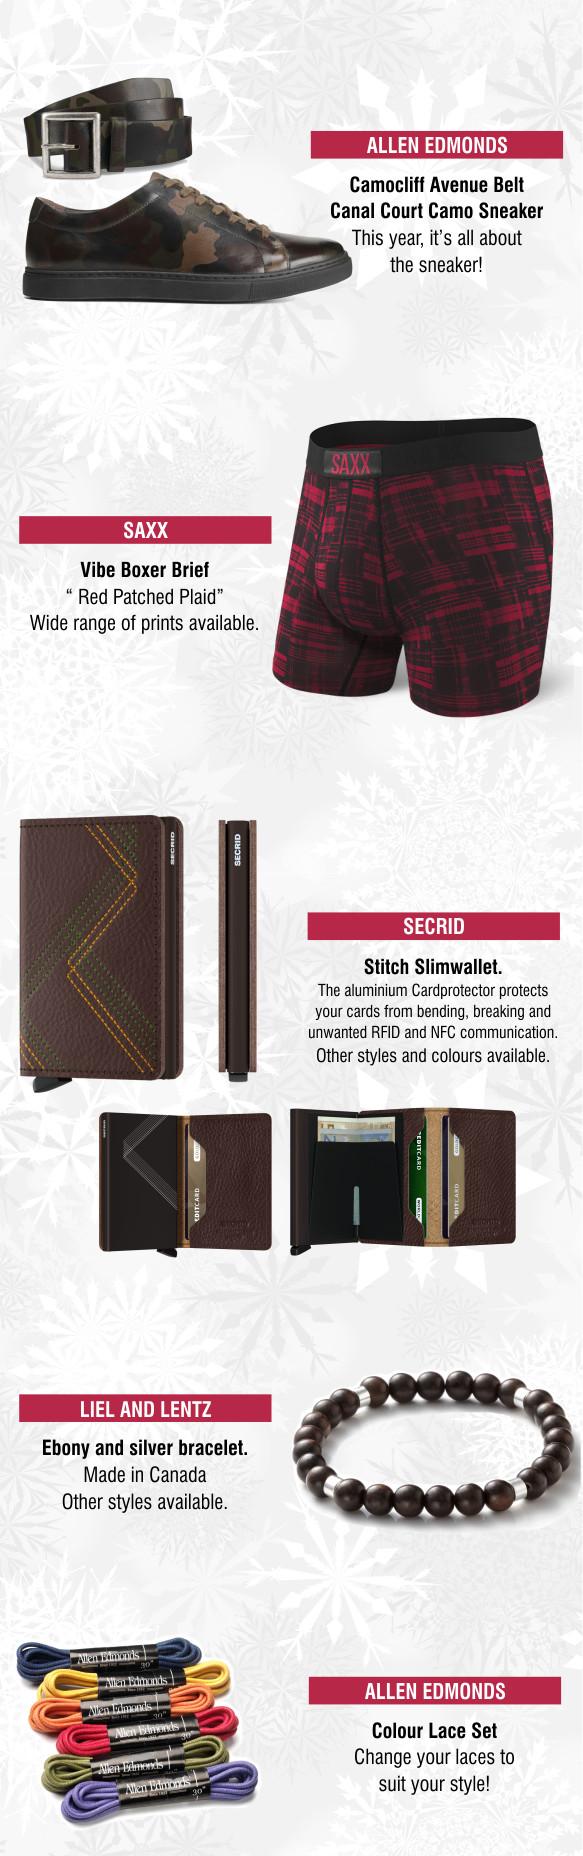 Allen Edmonds belt and shoes, Saxx underwear, Secrid wallet, Liel and Lentz bracelet, Allen Edmonds coloured laces - gift items